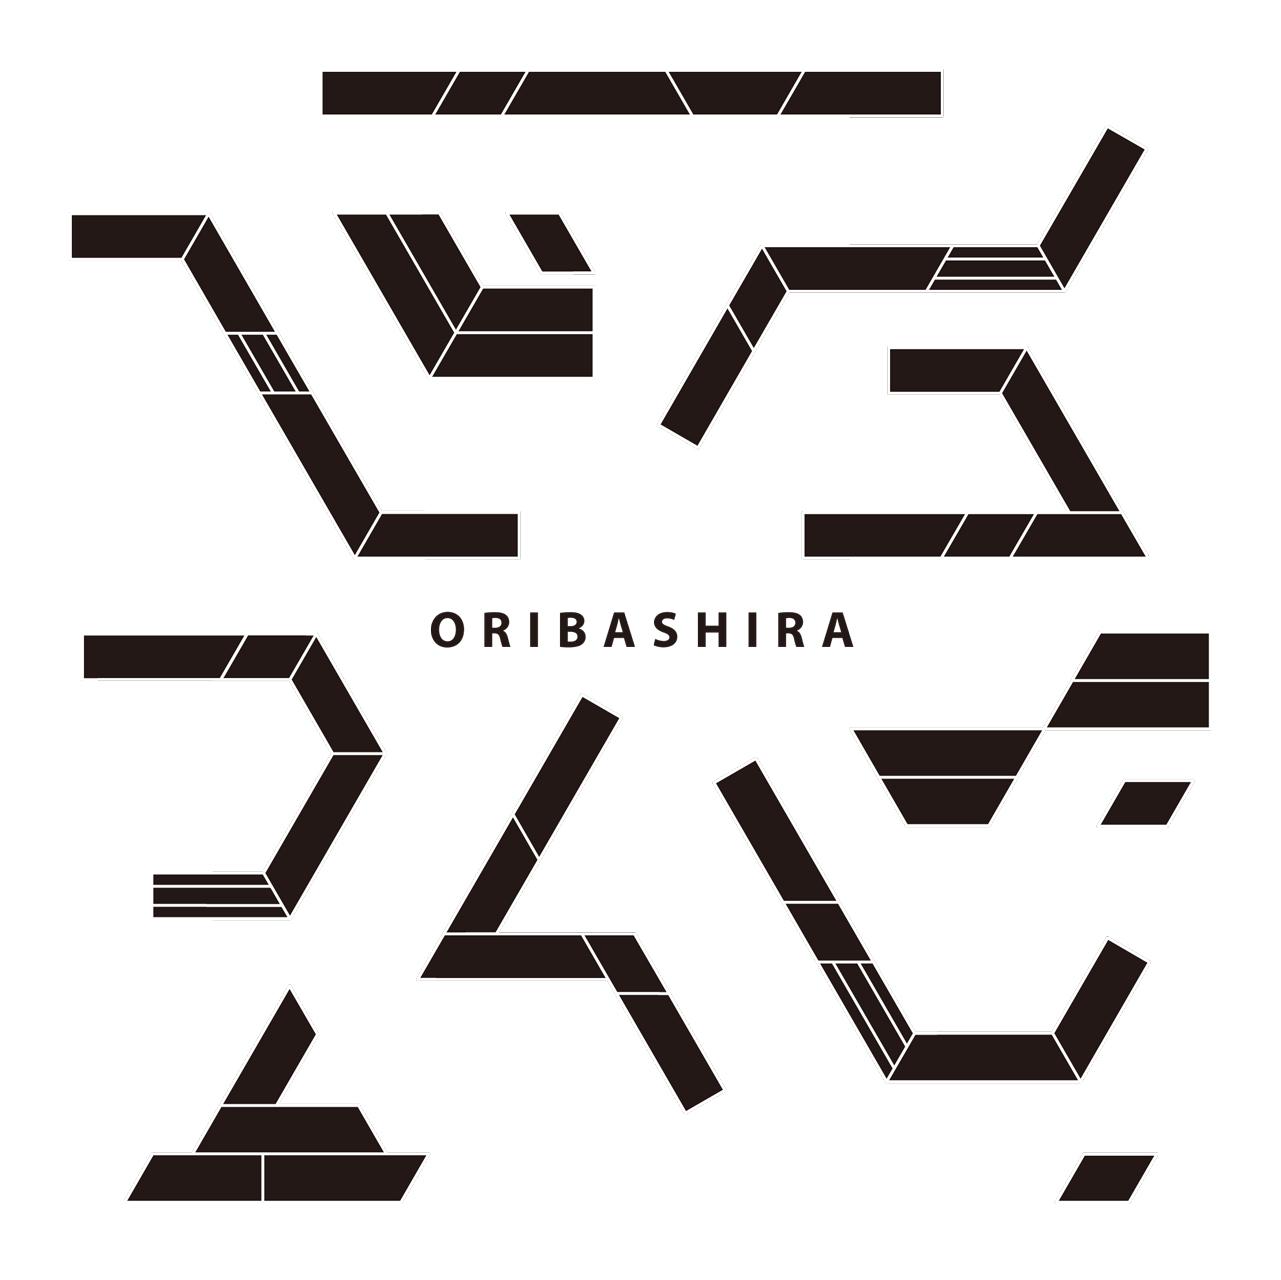 ORIBASHIRA_S1.jpg